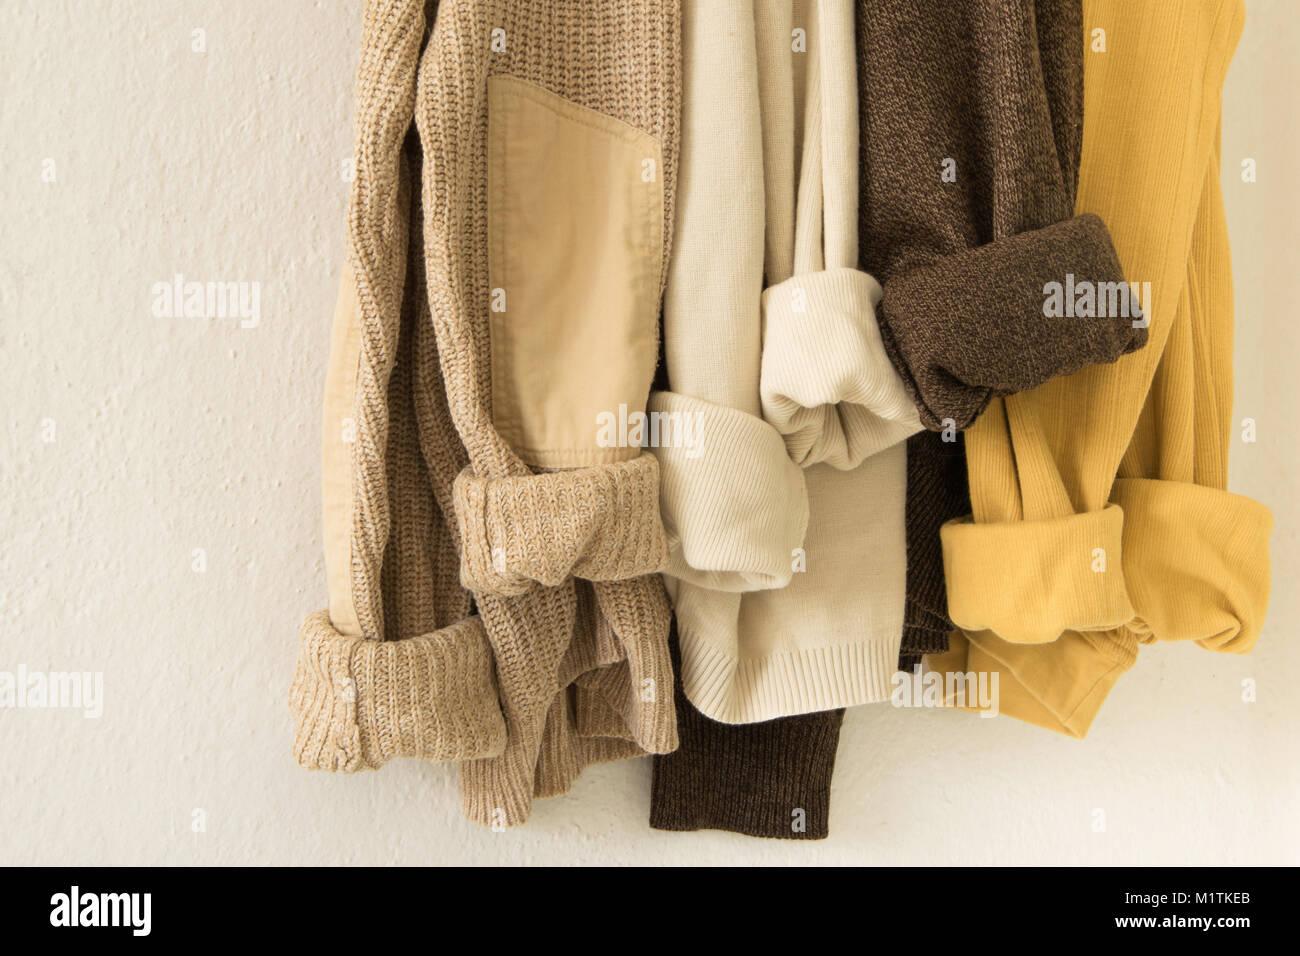 Maxi felpa lavorata a maglia in caldi colori naturali. Rustico ed accogliente il concetto di moda, abbigliamento Immagini Stock